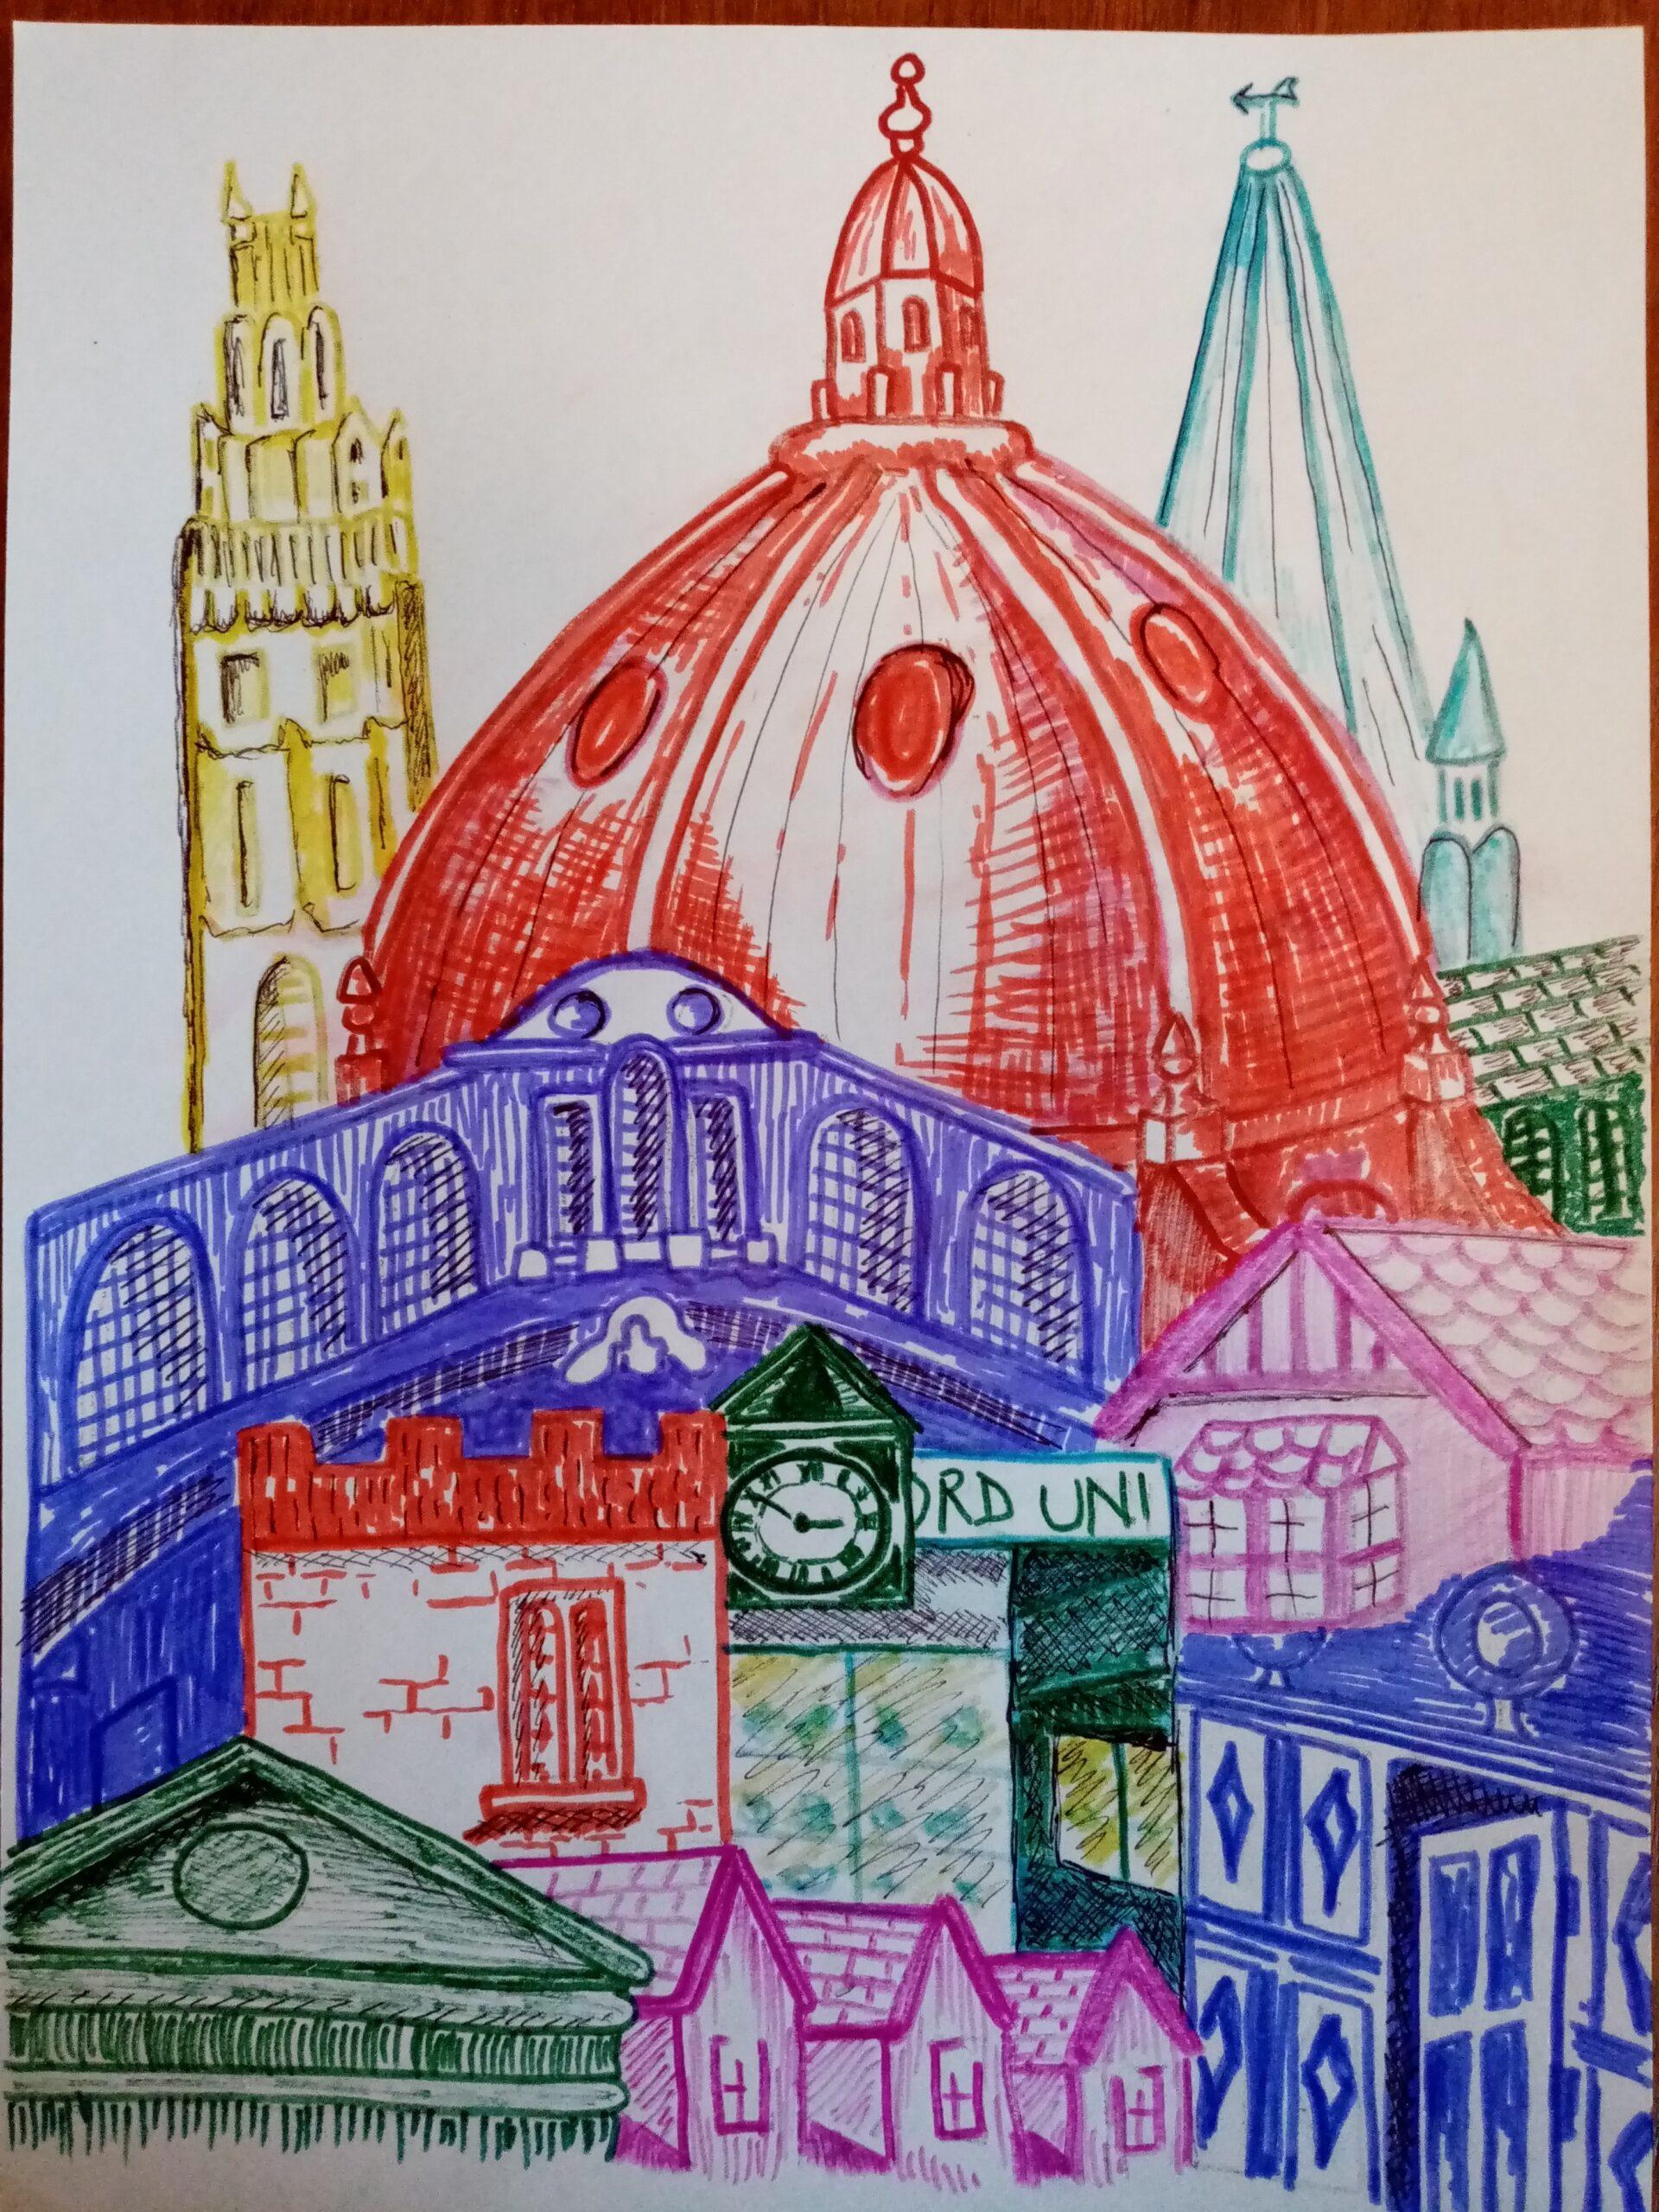 Felt tip pen post share ColourWheel Art Classes